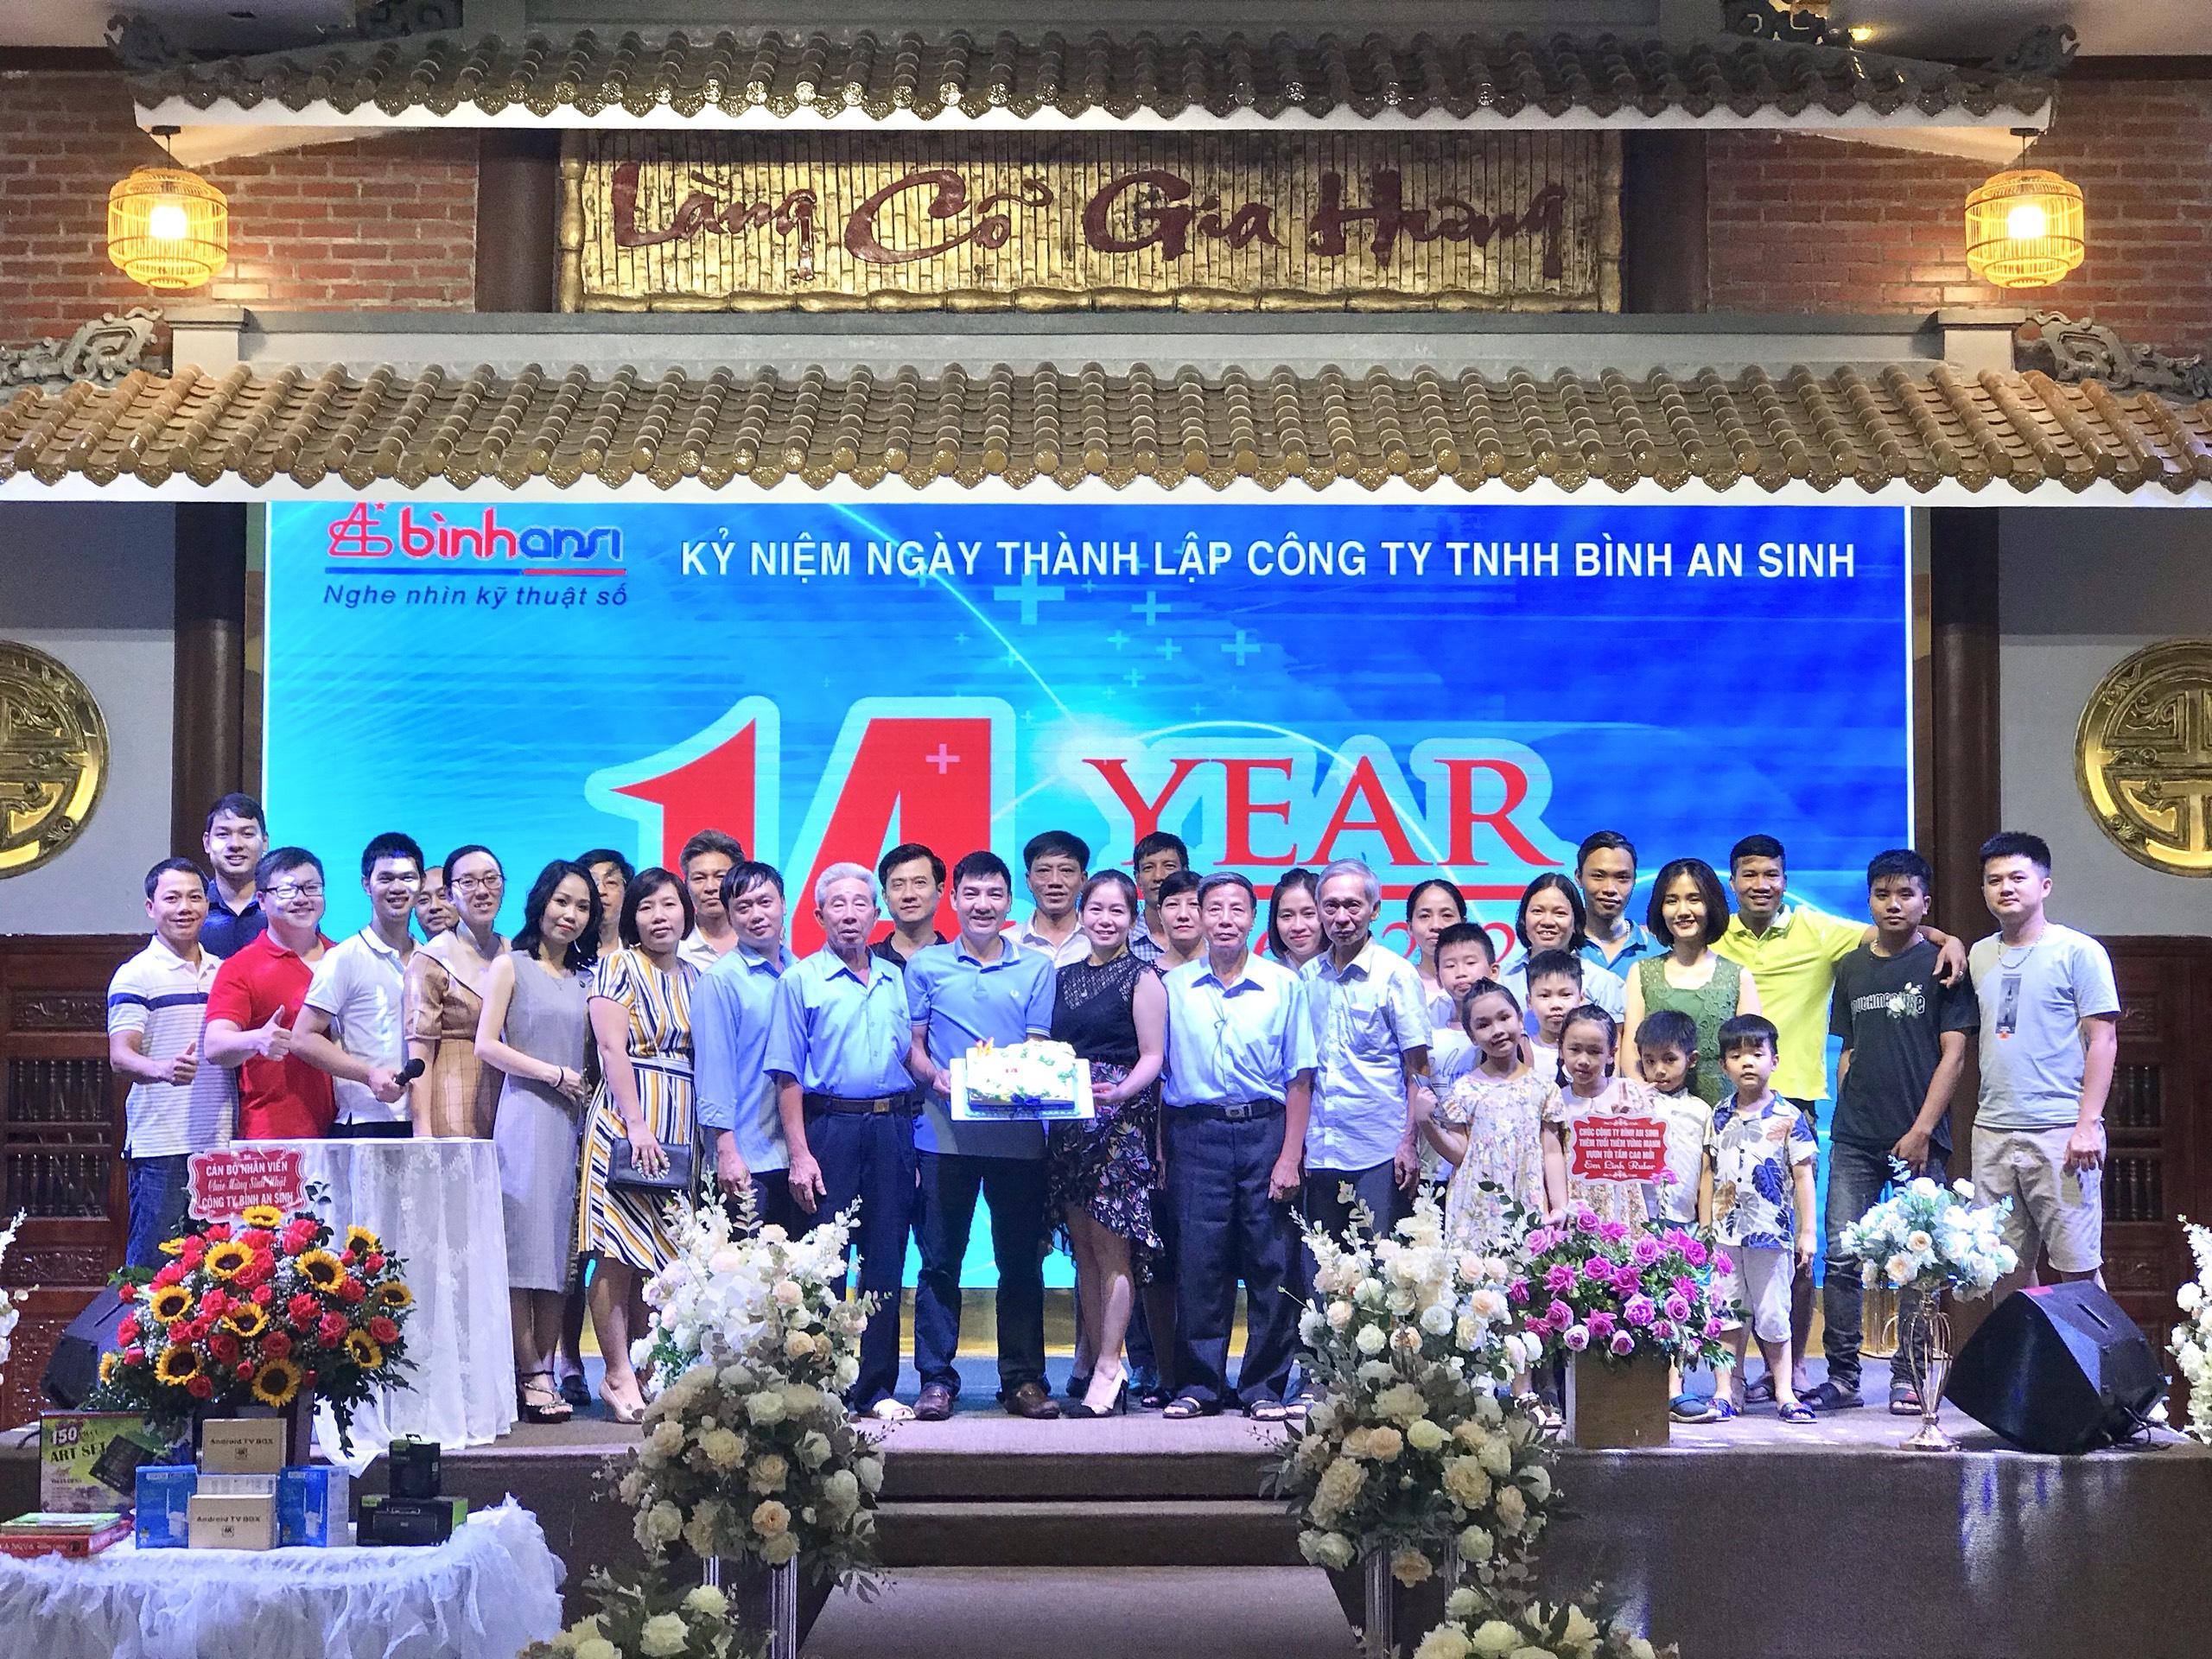 Bình Ansi – 14 năm trưởng thành và phát triển hướng đến kỷ niệm 15 thành lập